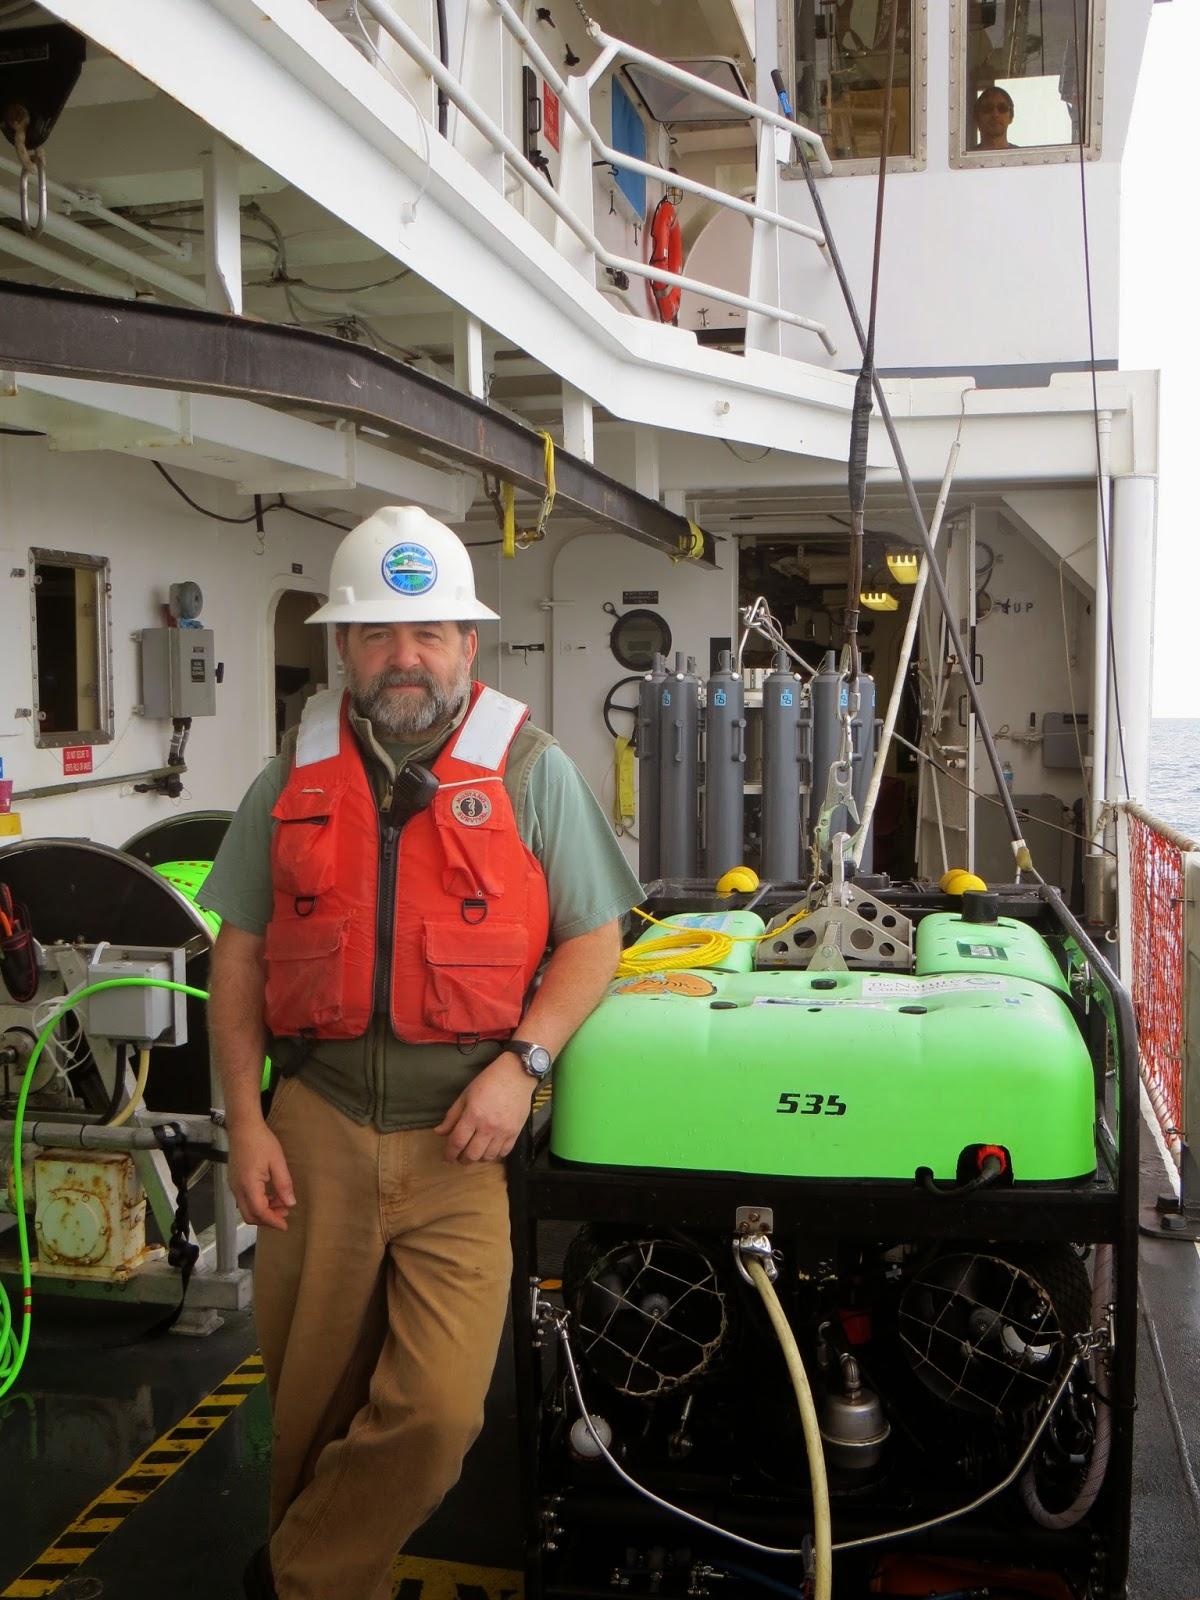 Chief Survey Tech and ROV